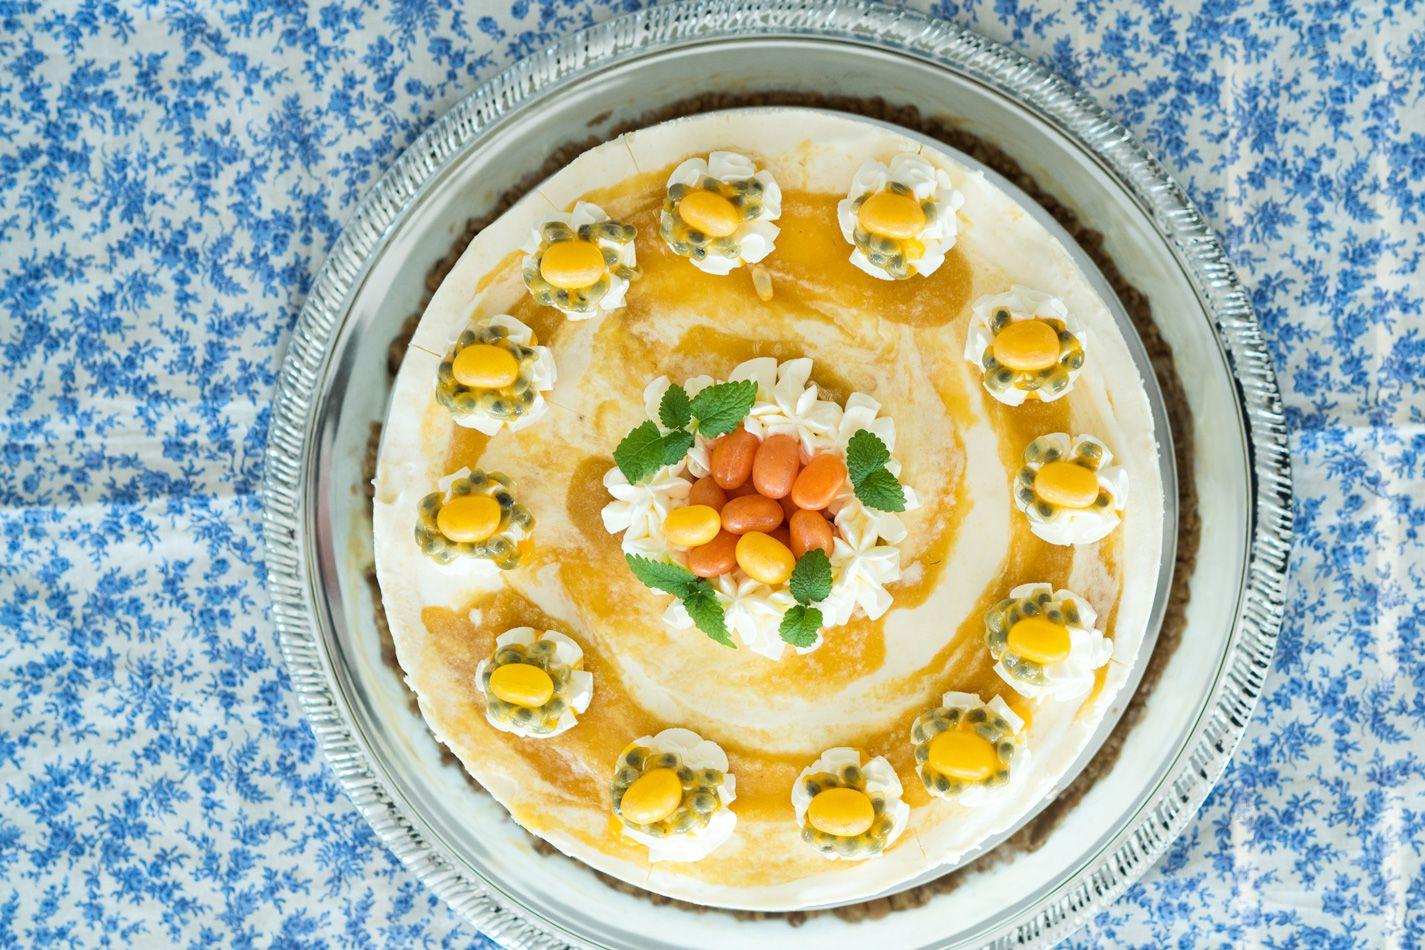 """Valkosuklaa-juustokakku.Tämä pakastettava valkosuklaajuustokakku on juuri sellainen """"no bake cheesecake"""" jota rakastan. Ainekset yhteen ja kakku pakkaseen odottamaan tarjoilua."""